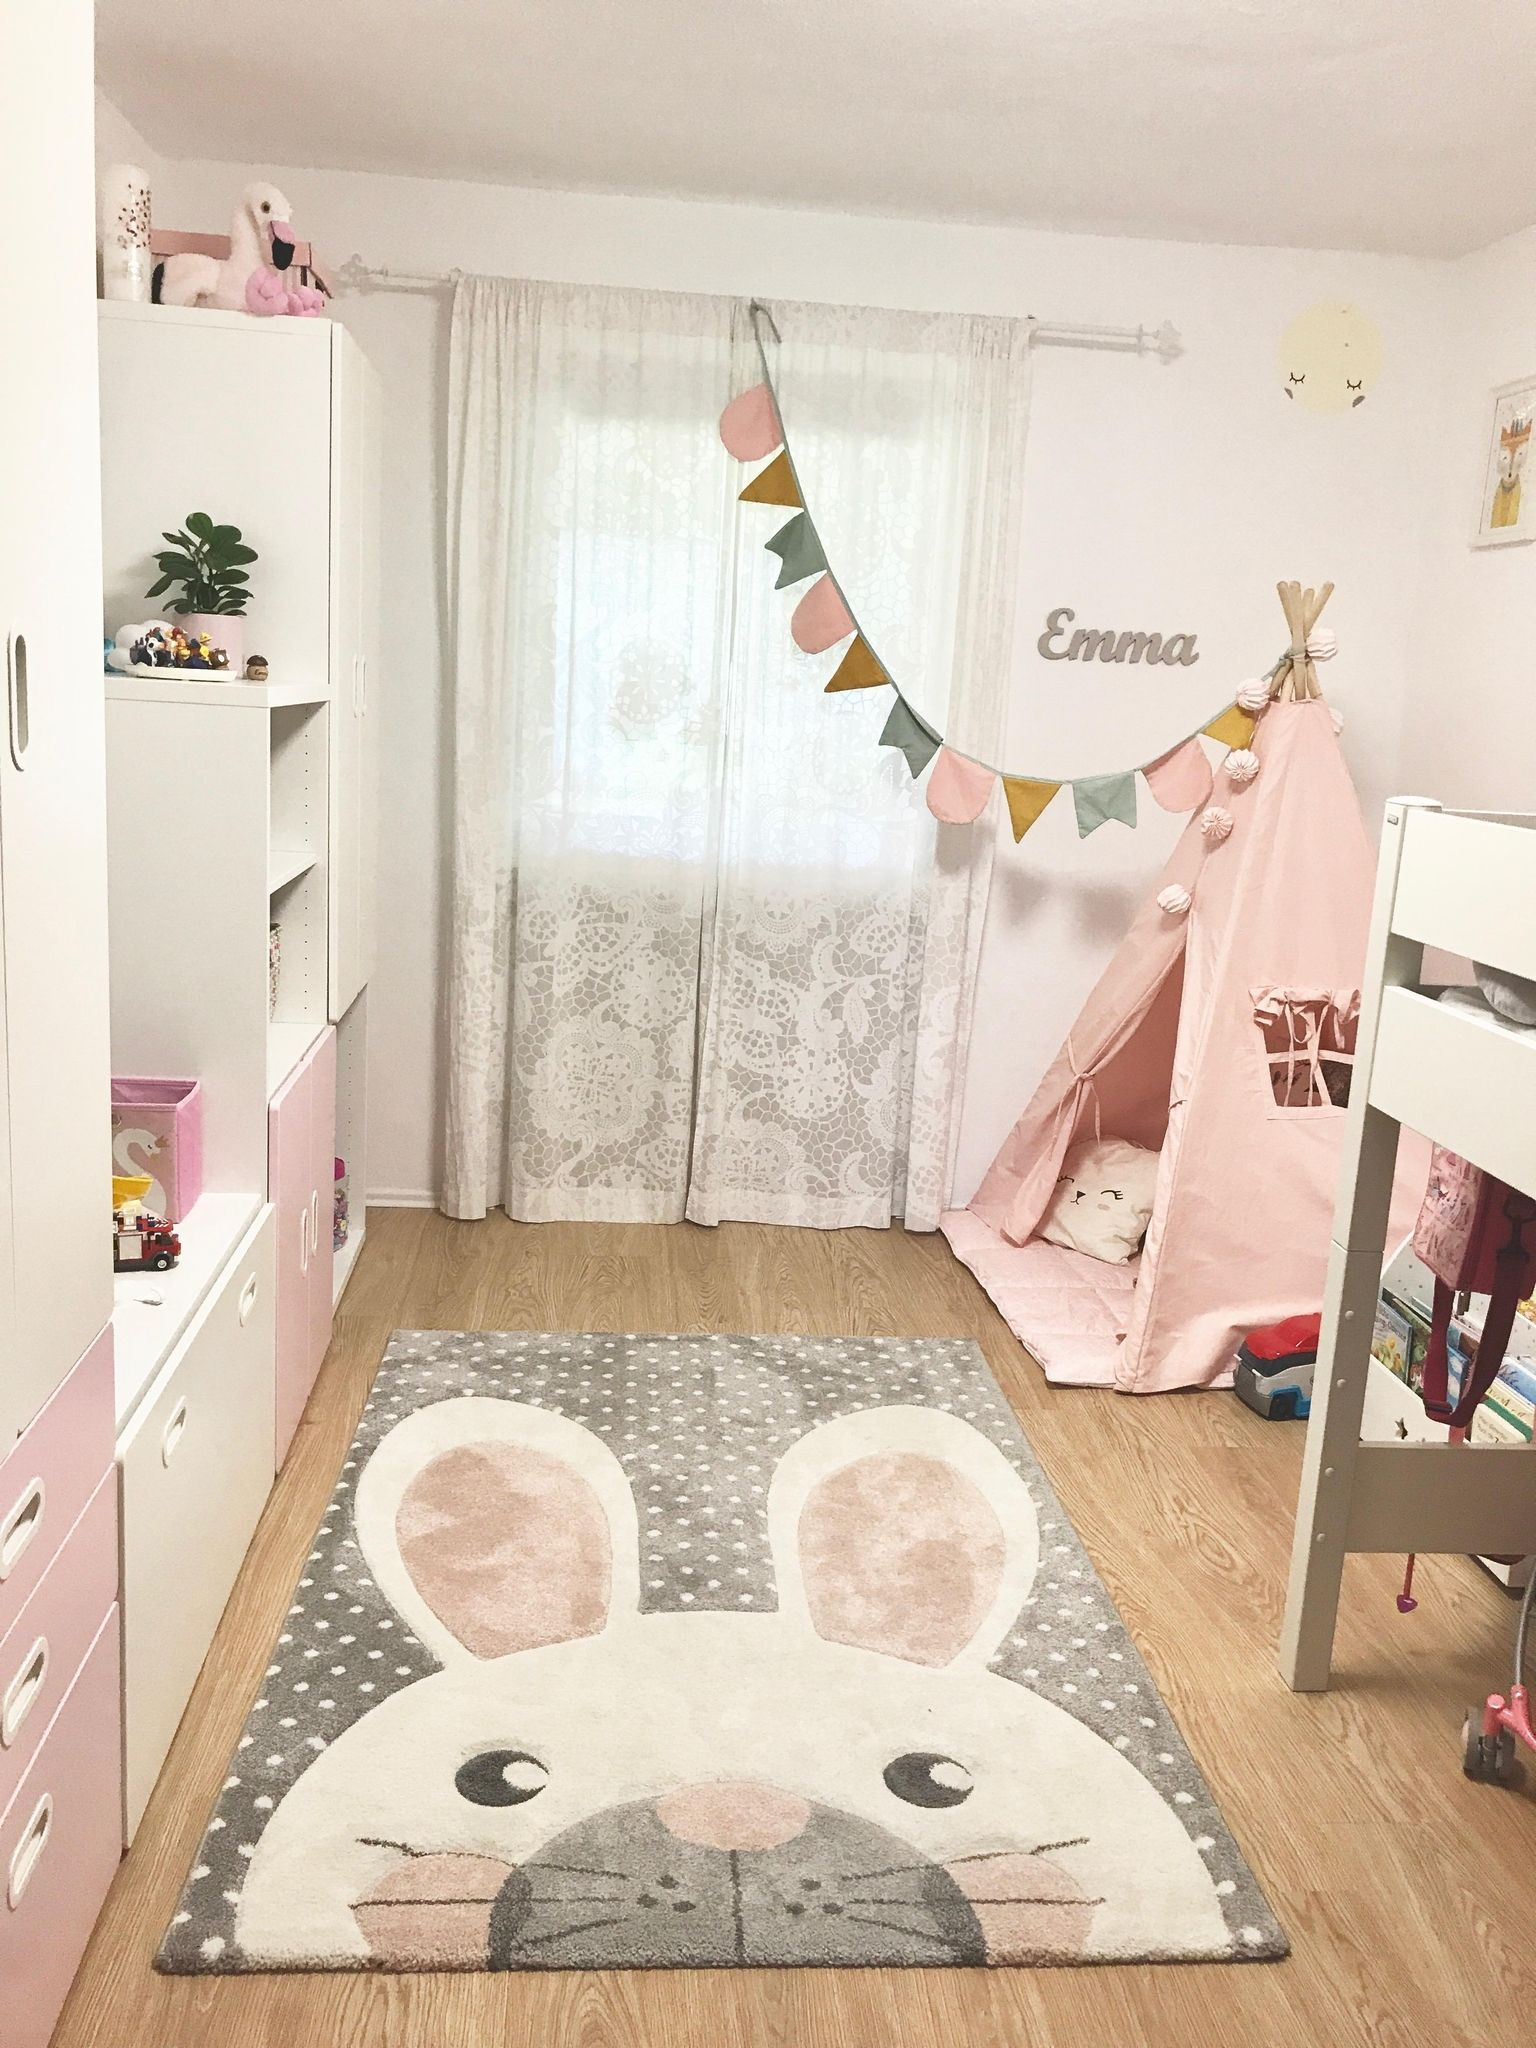 Kinderzimmer Ideen für Wohlfühl-Buden: So geht's! #neuesdekor